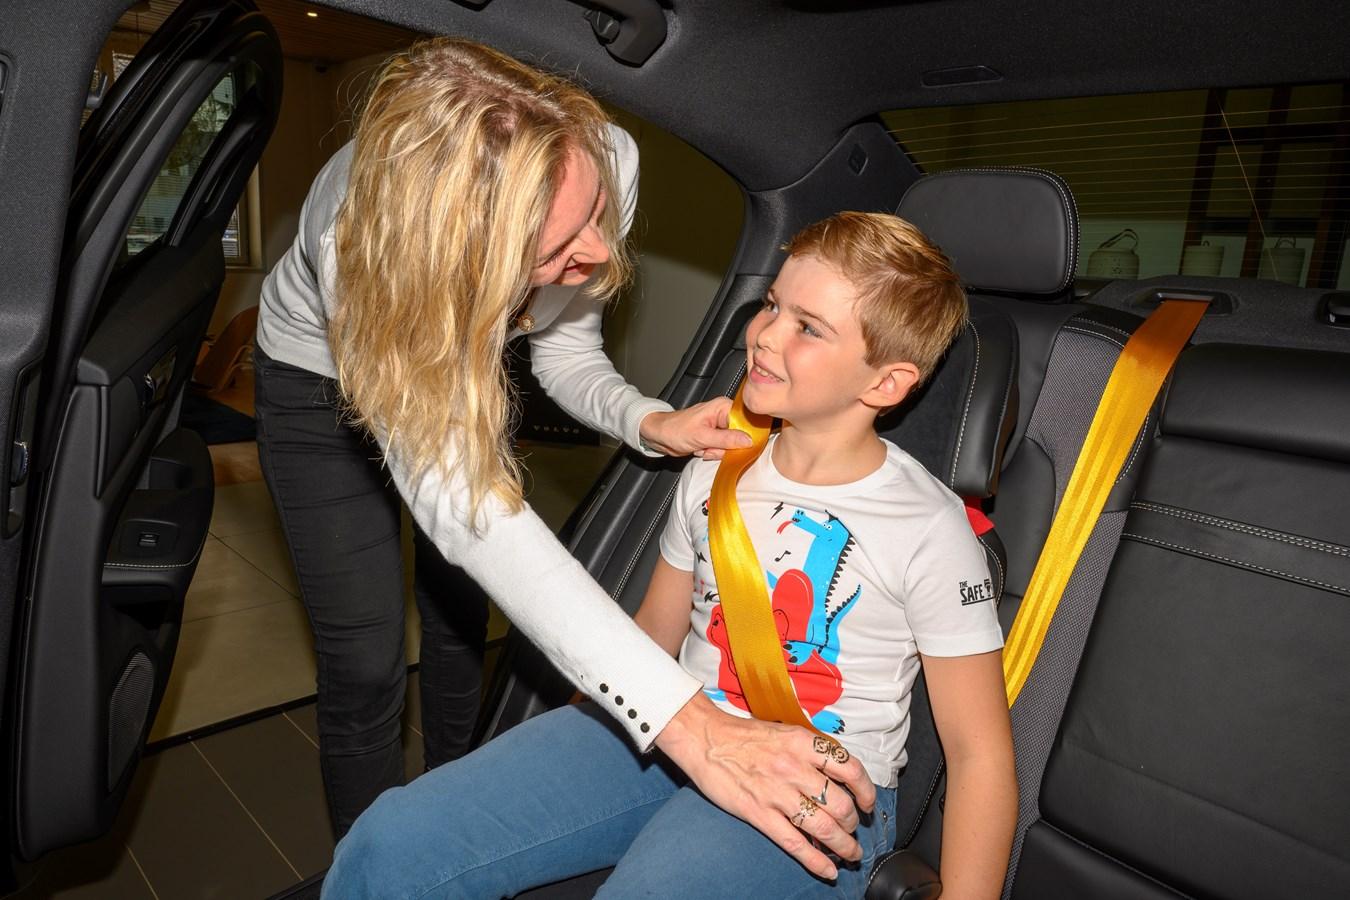 À l'occasion de la rentrée, Volvo Car France présente le « SafeTshirt »